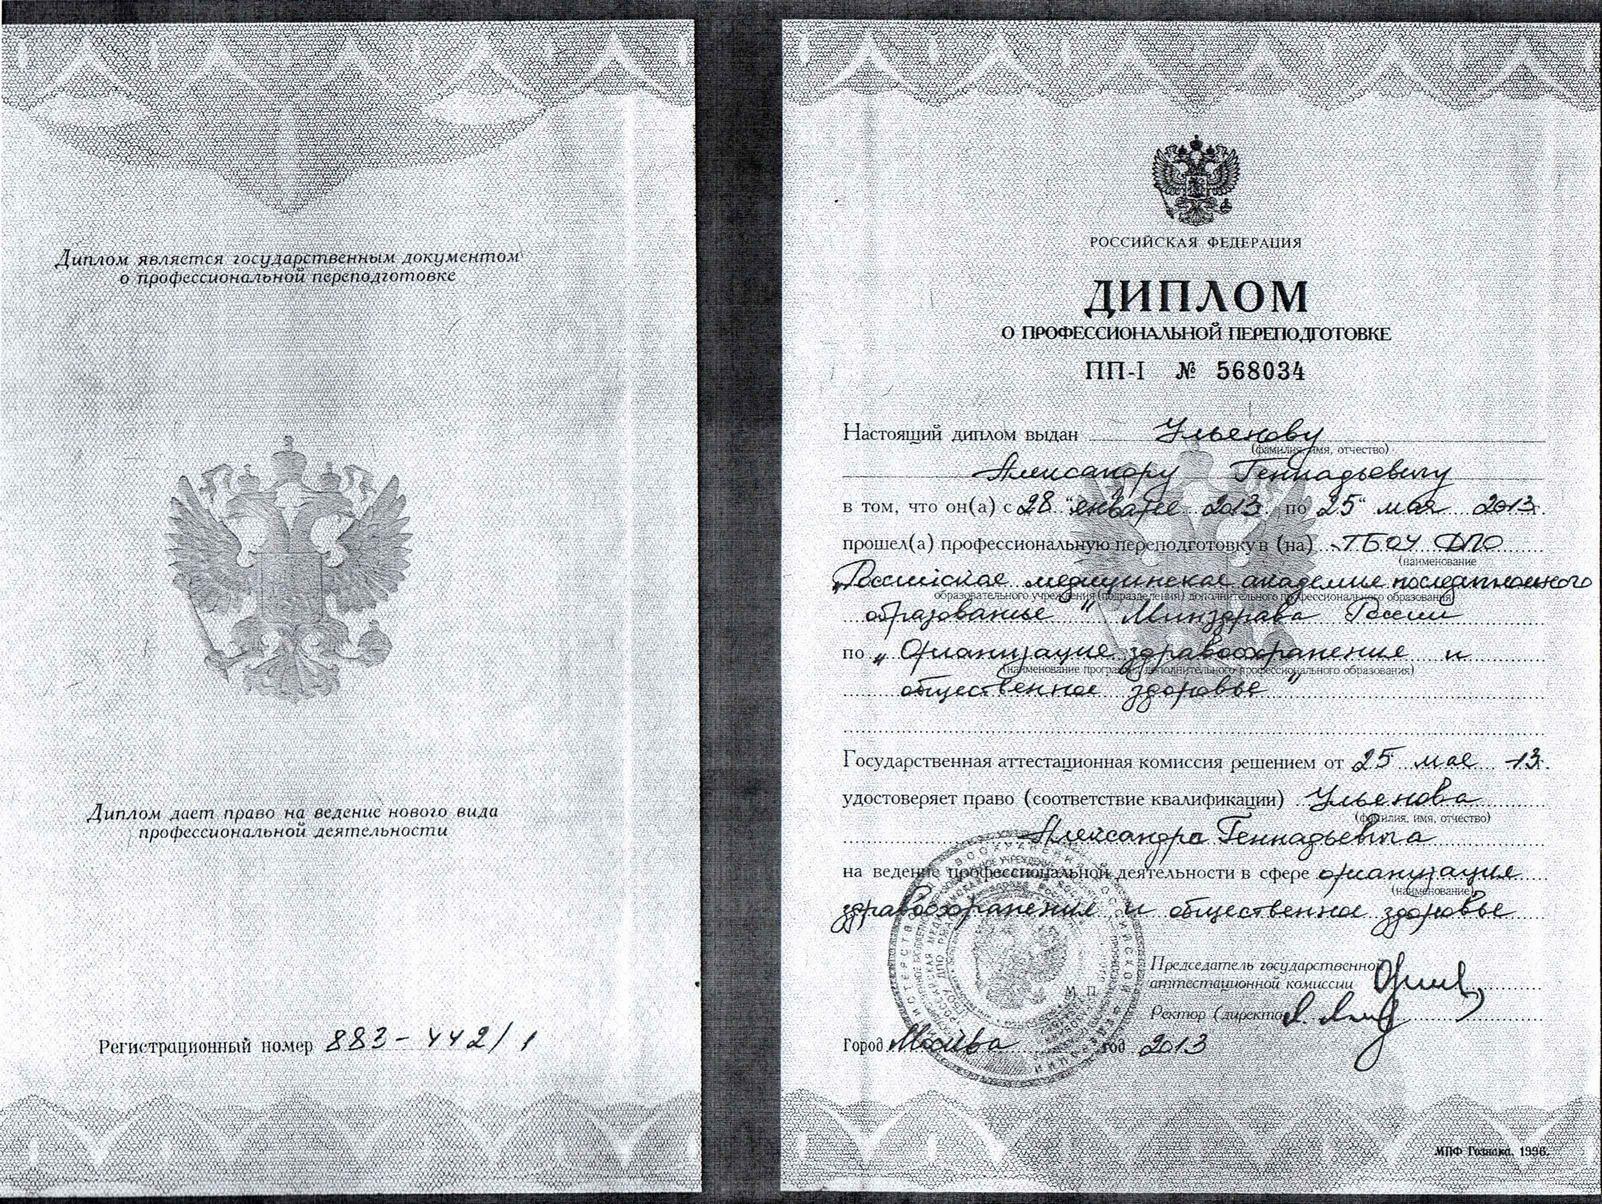 Ульянов-диплом-4_1.jpg